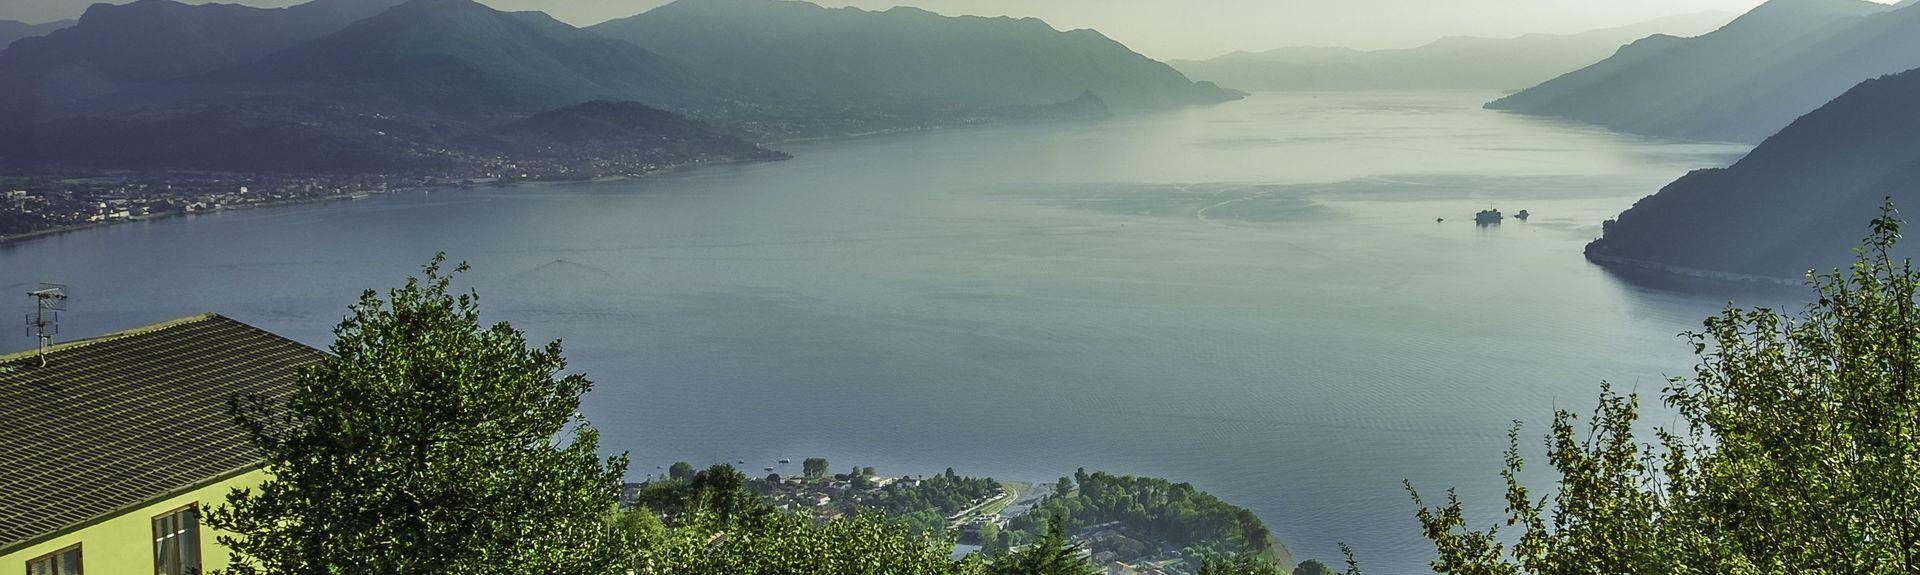 Cursolo-Orasso, Piedmont, Italy